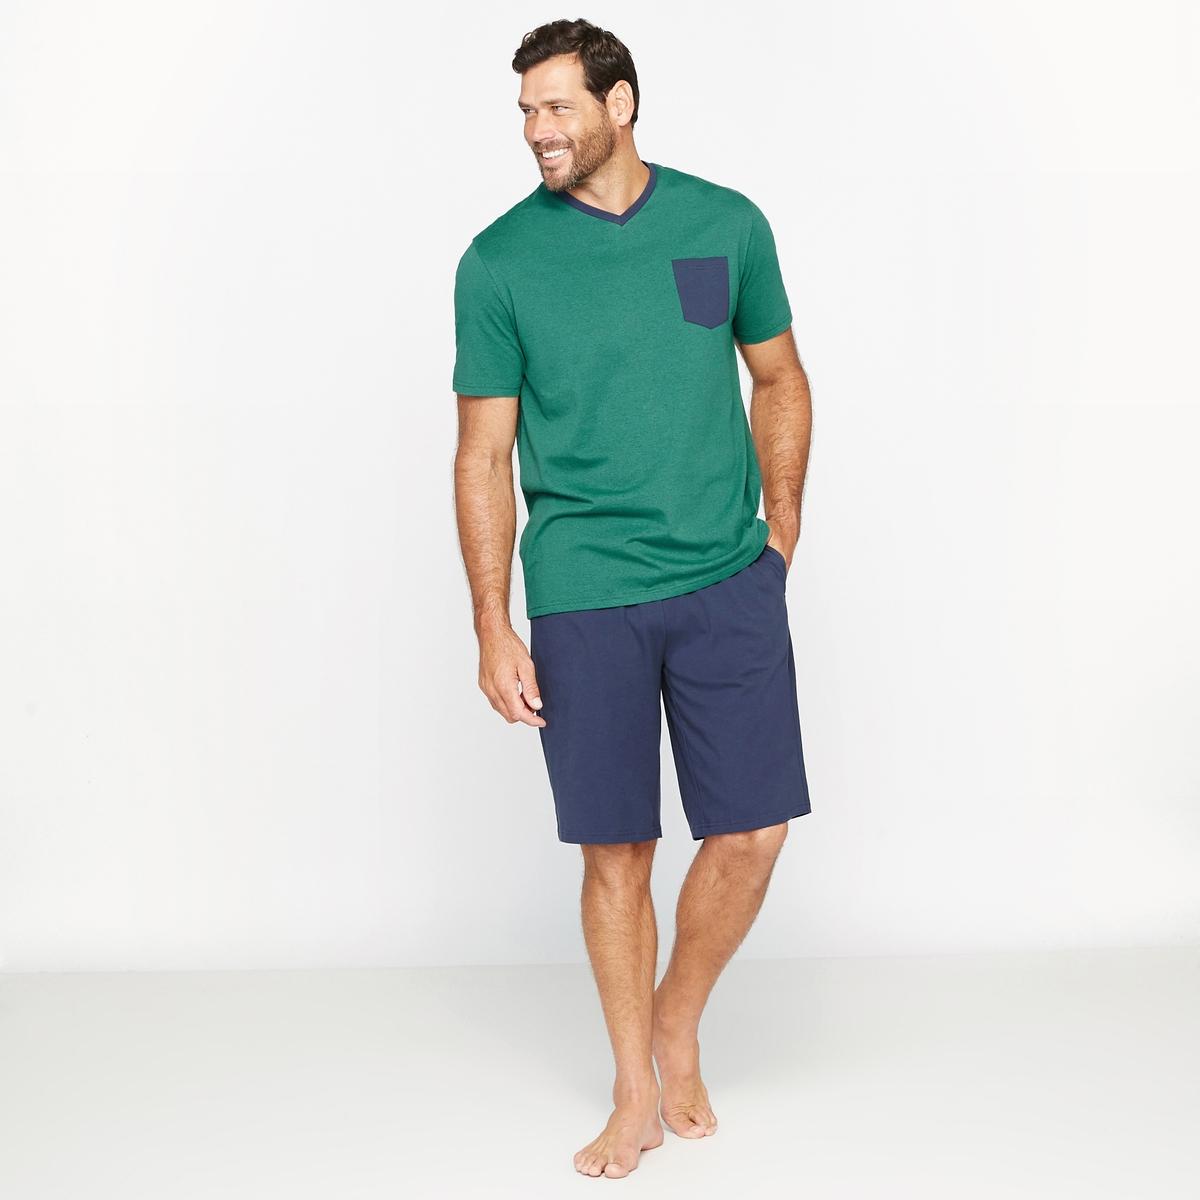 Пижама с шортами с нагрудным карманомПижама с шортами.Высокий V-образный вырез. Короткие рукава. Нагрудный карман.Однотонные шорты. Эластичный пояс с завязками. 2 кармана по бокам.Материал : трикотаж джерси, 60% хлопка, 40% полиэстера.Марка : CASTALUNA FOR MEN.Уход : Машинная стирка при 40 °С.<br><br>Цвет: Зеленый меланж/темно-синий<br>Размер: 62/64